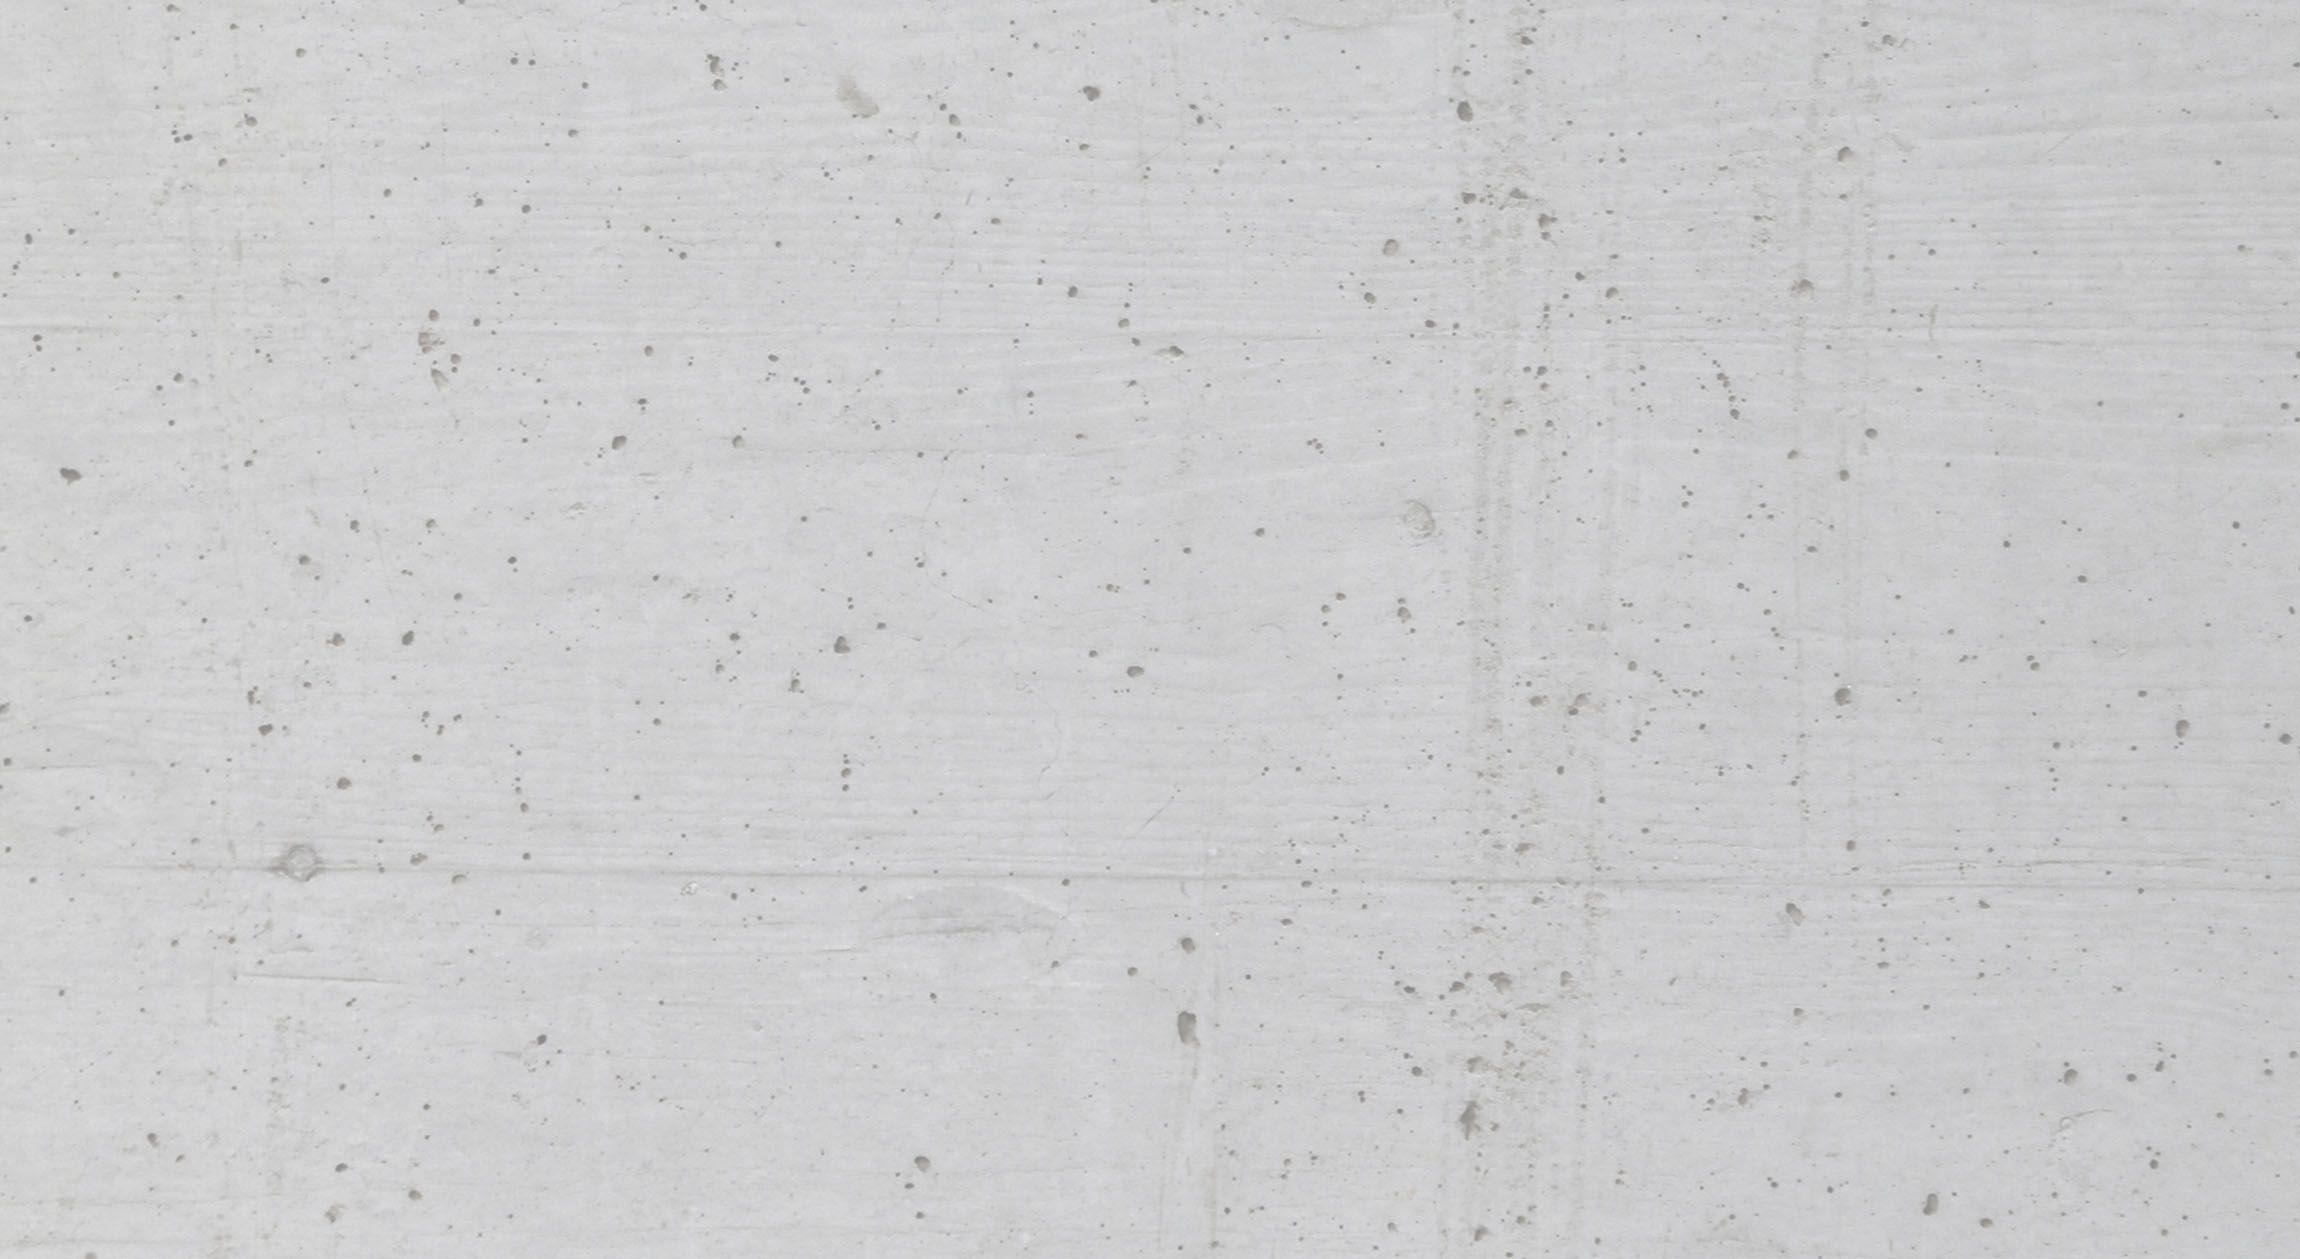 zement beton unterschied latest zement beton fliese bretter hintergrund grau art von stockfoto. Black Bedroom Furniture Sets. Home Design Ideas